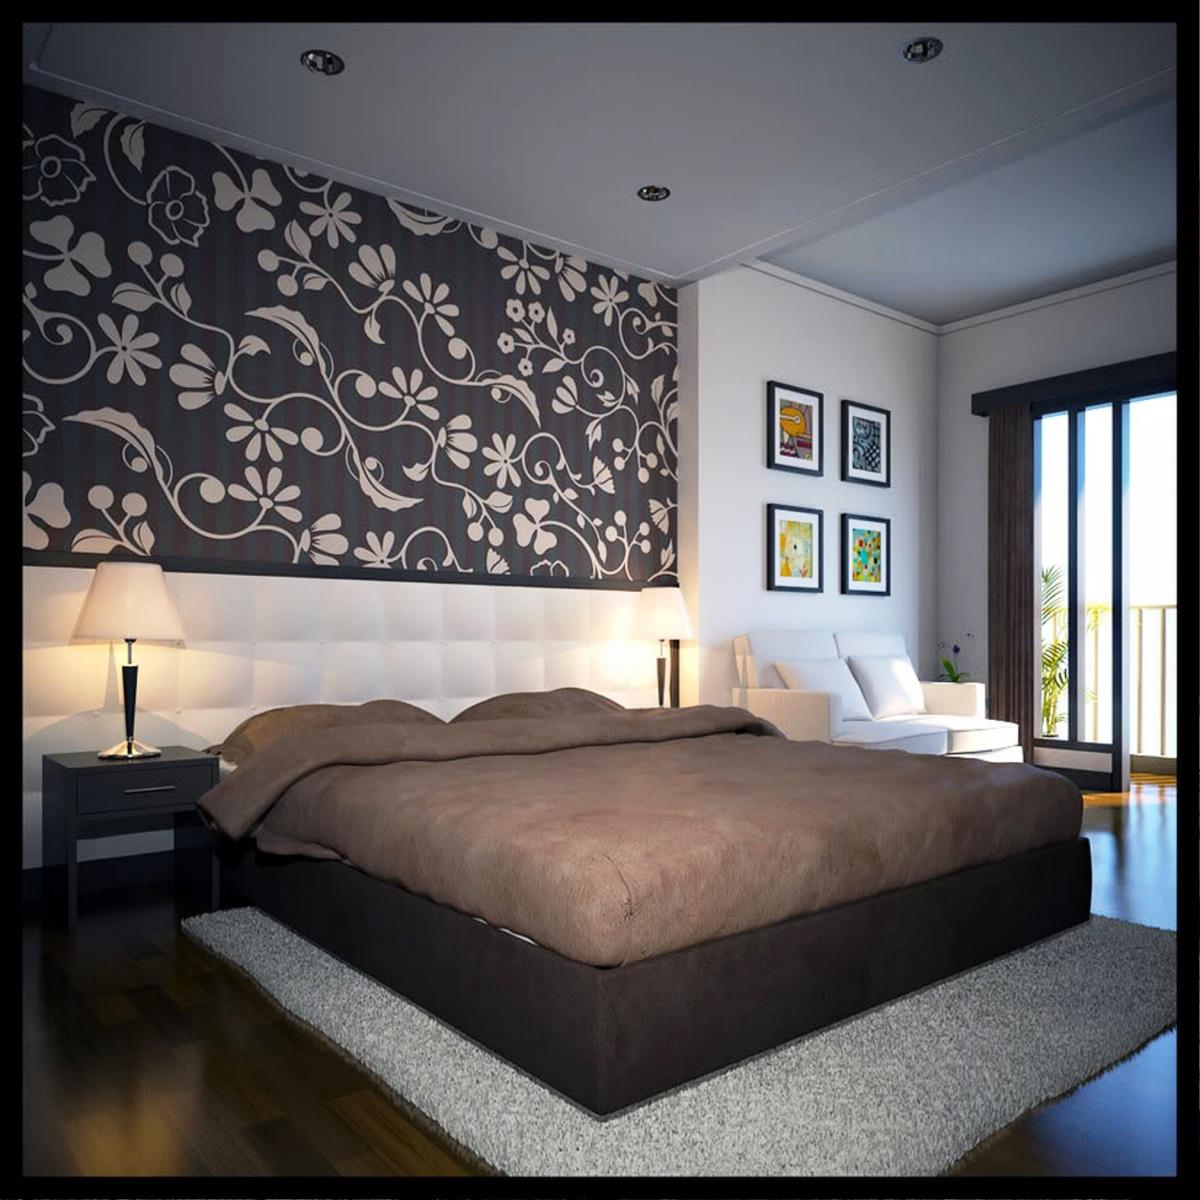 Аксессуары для спальни фото